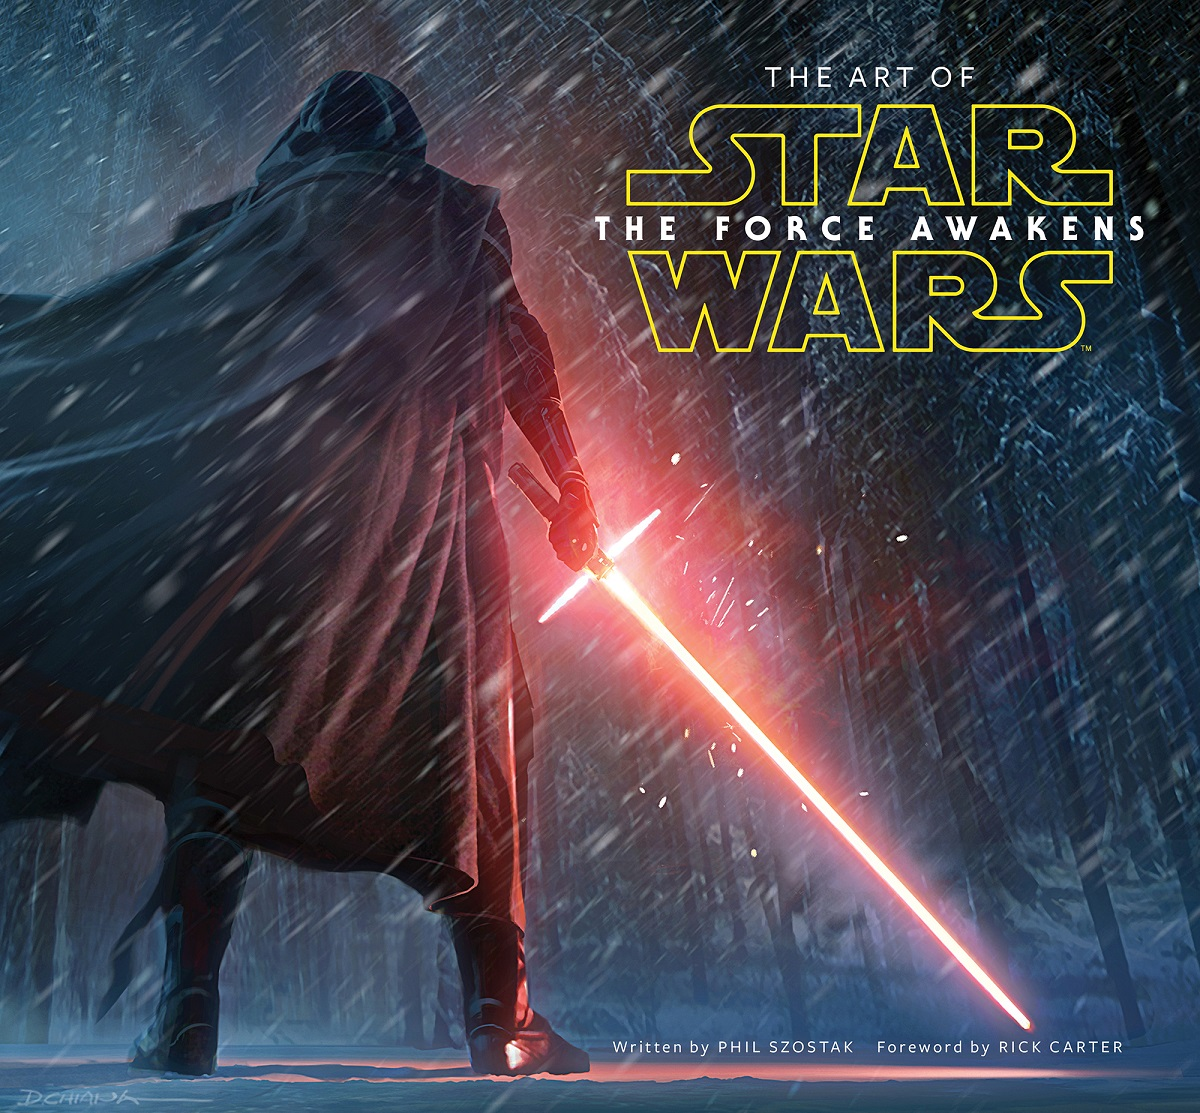 [Lucasfilm] Star Wars : Le Réveil de la Force (2015) - Page 3 Art-of-star-wars-force-awakens